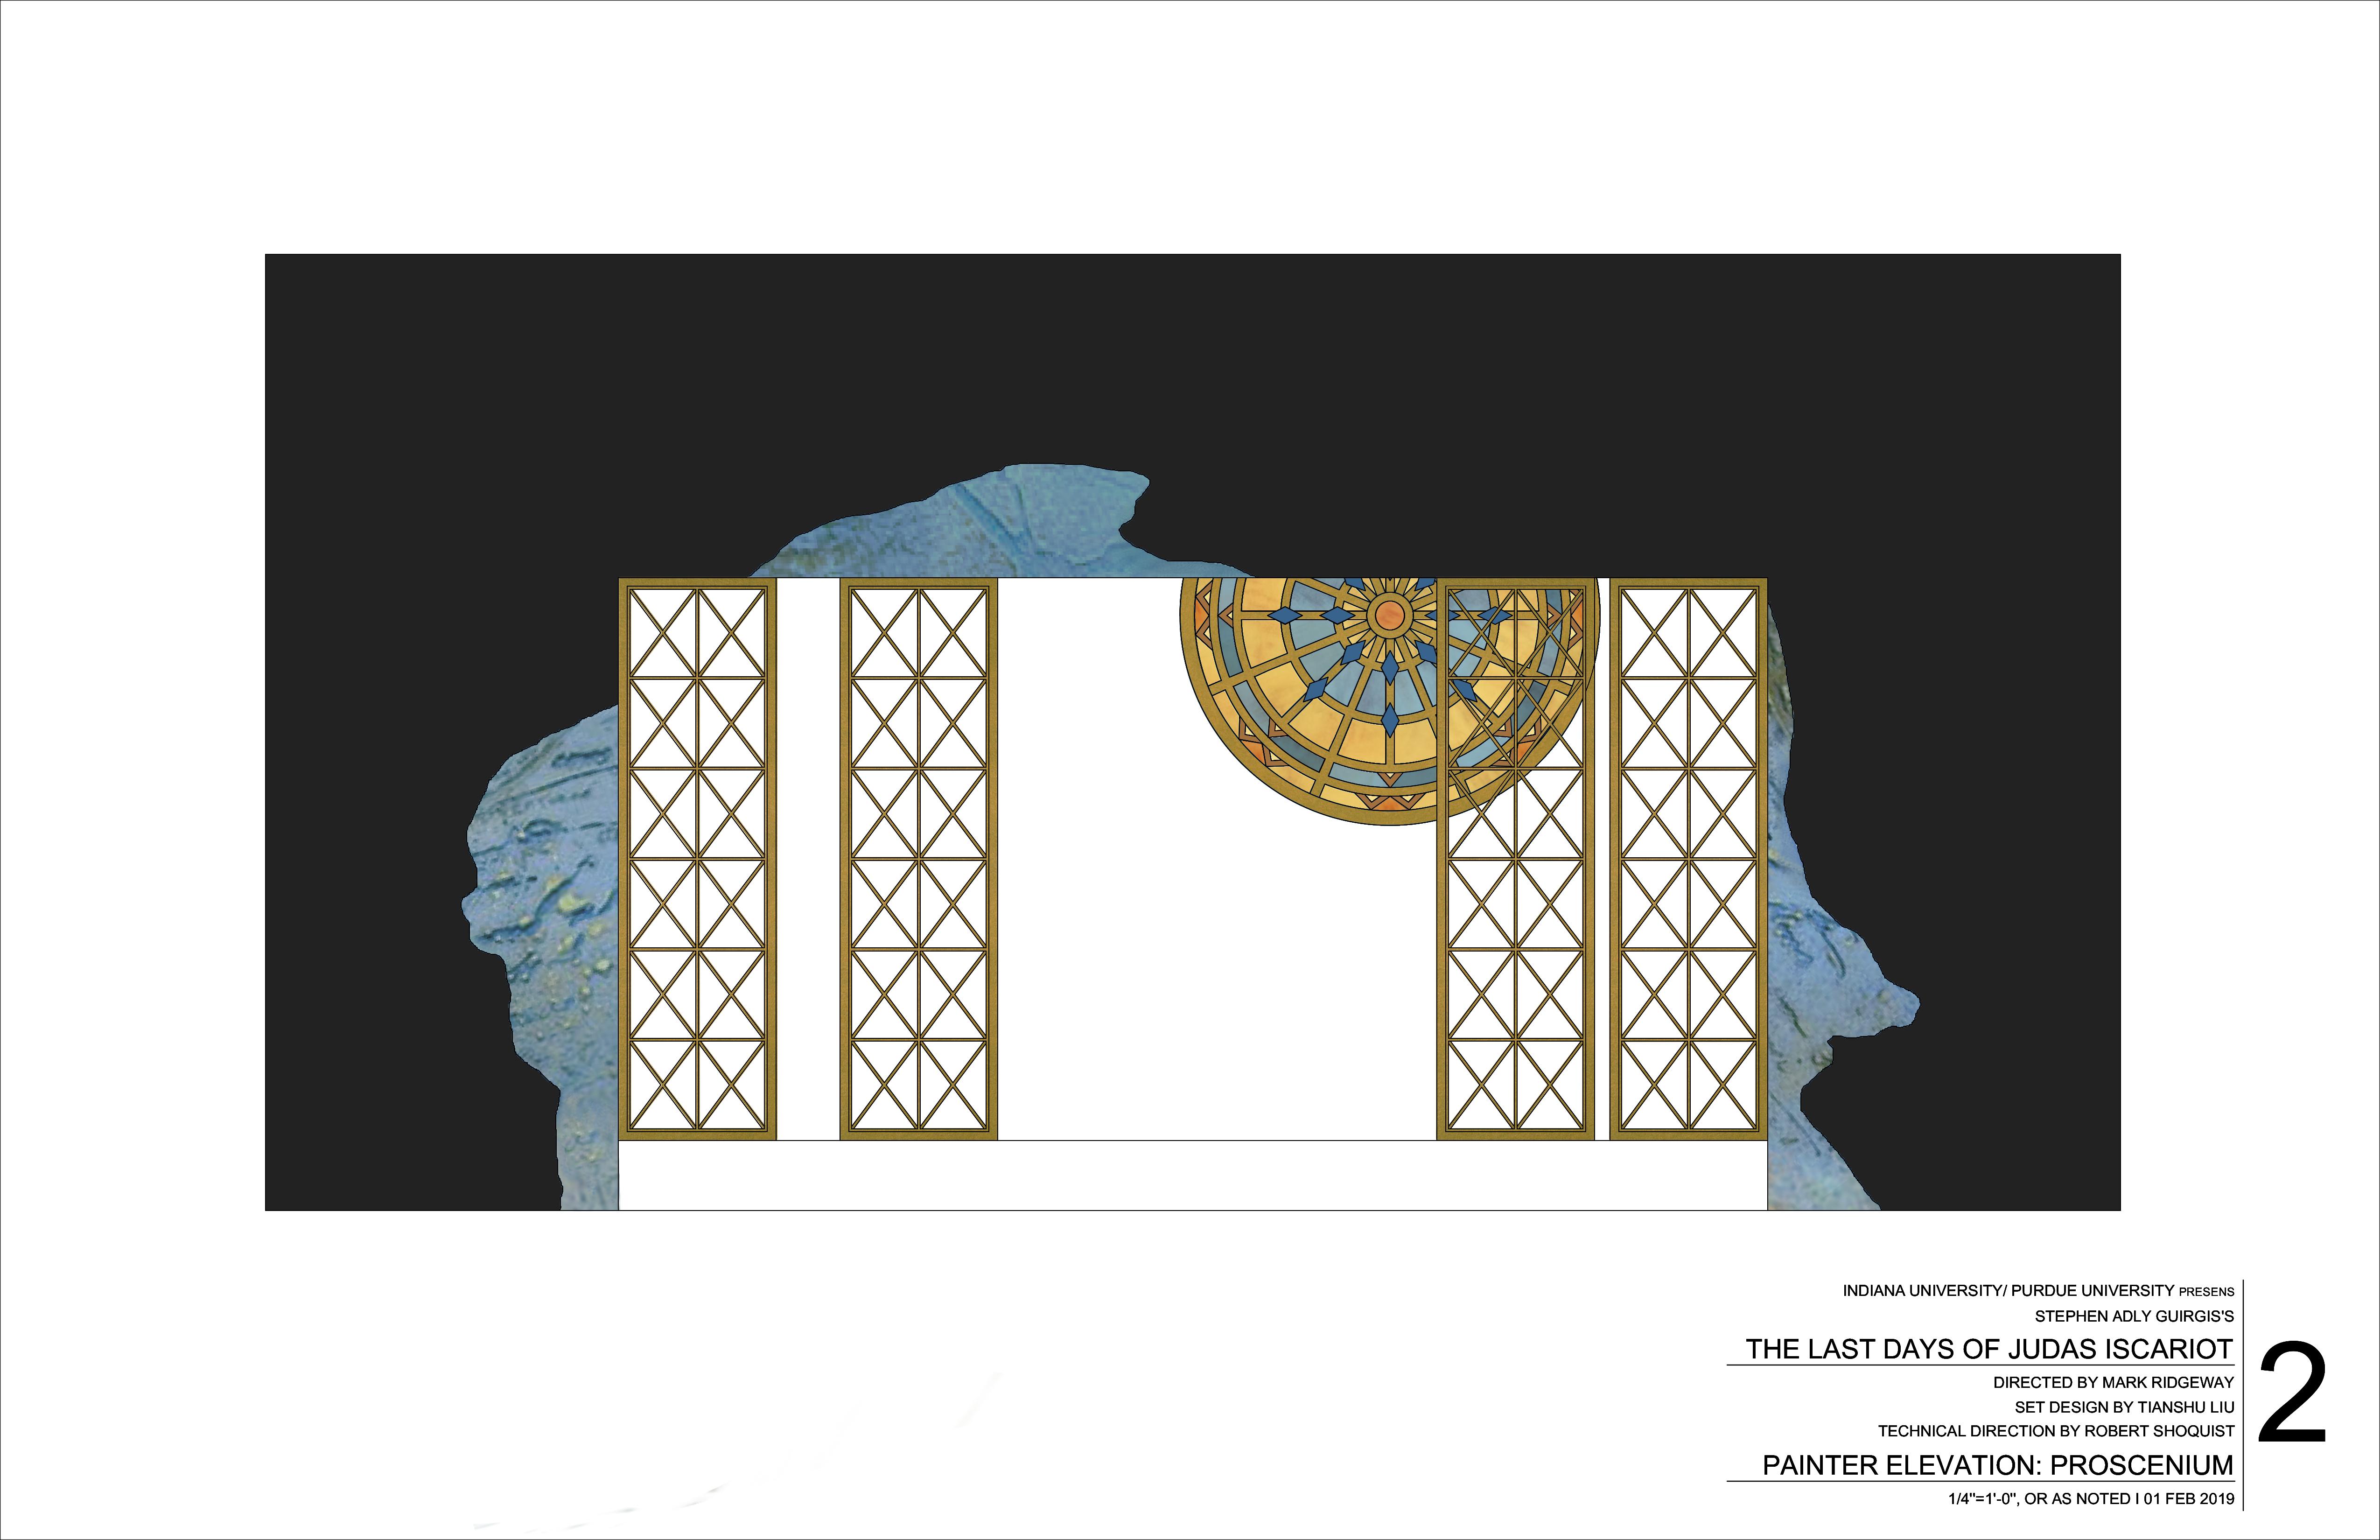 Proscenium Paint Treatments